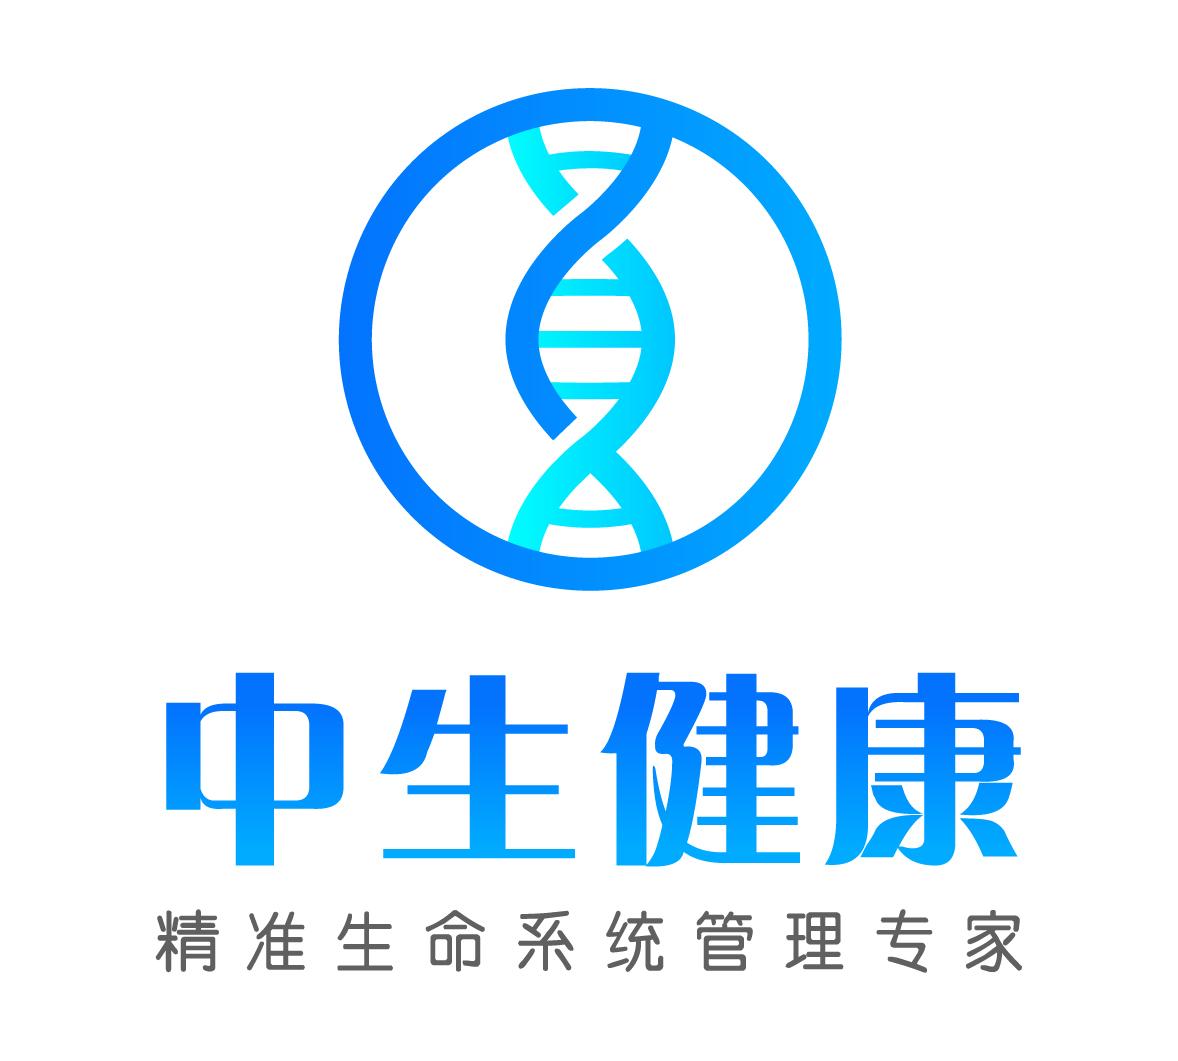 中生健康产业集团有限公司